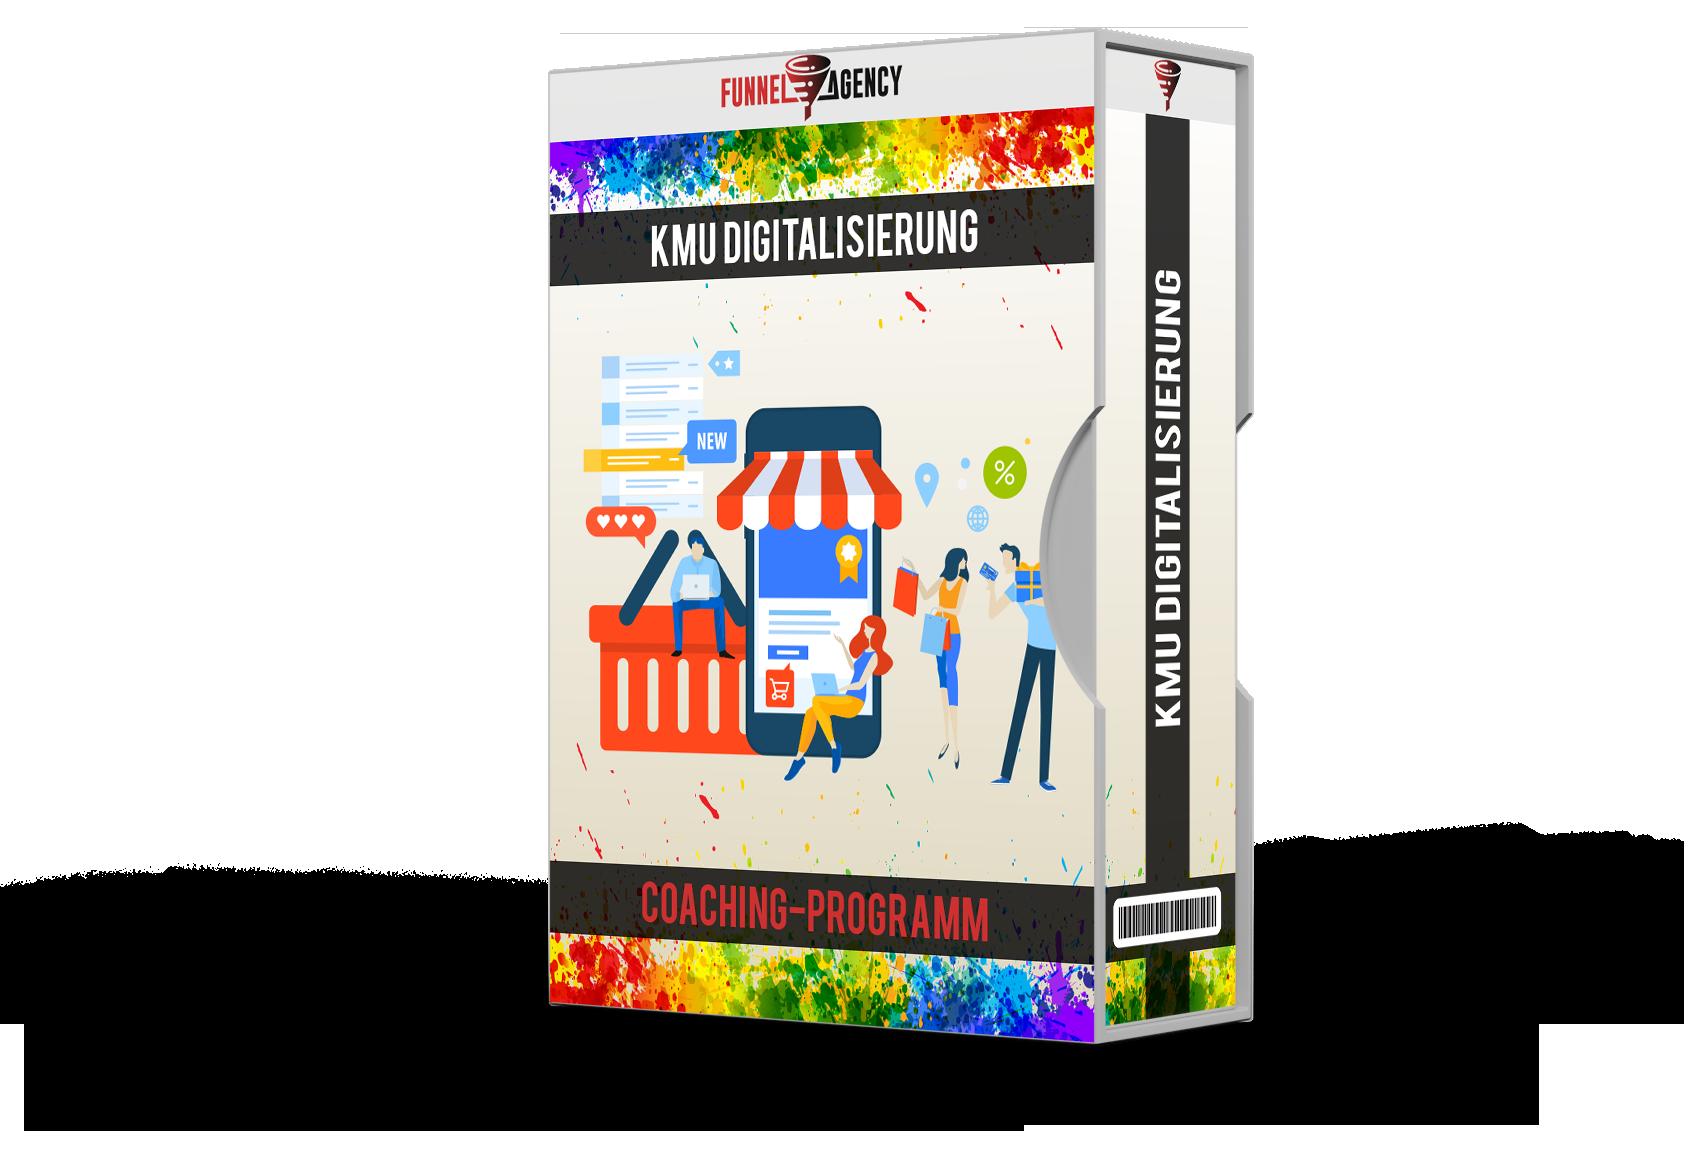 KMU Digitalisierung Für Kleinunternehmen Und Mittelstand Coaching Transparent